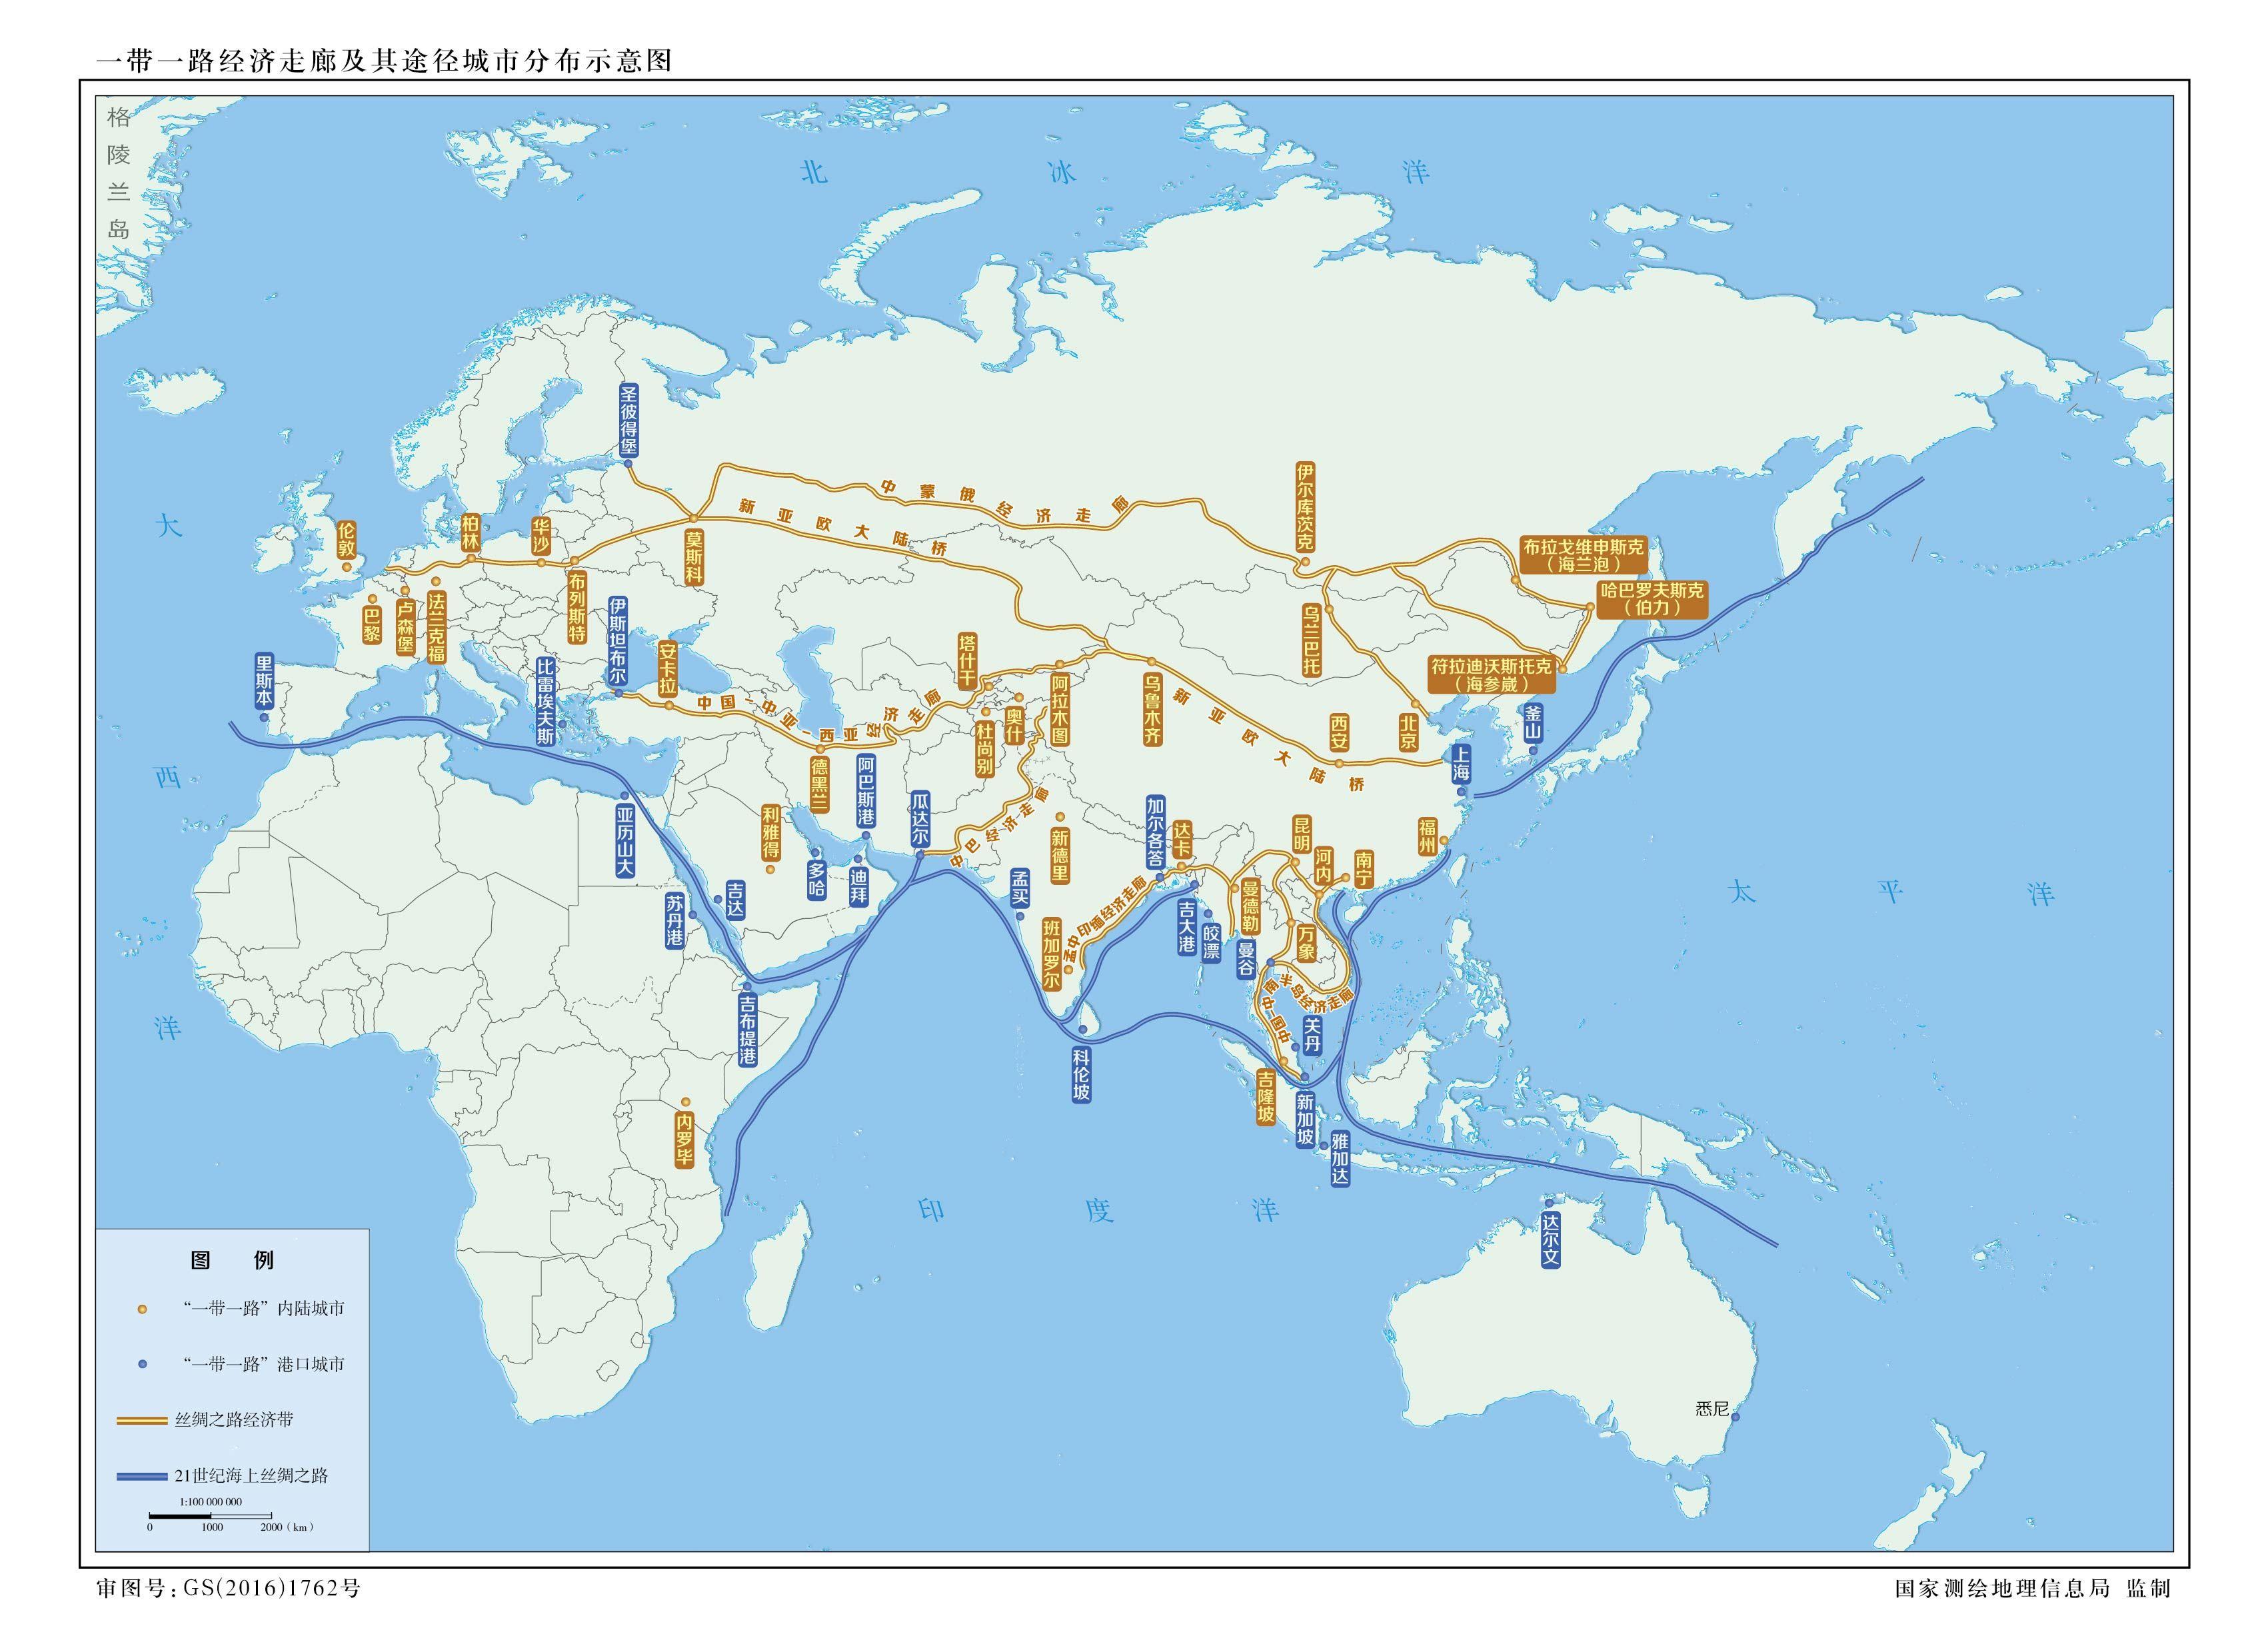 """Carta 2: """"Diagramma schematico dei corridoi economici di 'una cintura, una via' e della distribuzione della città lungo i percorsi"""", Amministrazione nazionale cinese per il rilevamento, la mappatura e la geoinformazione, 2016."""